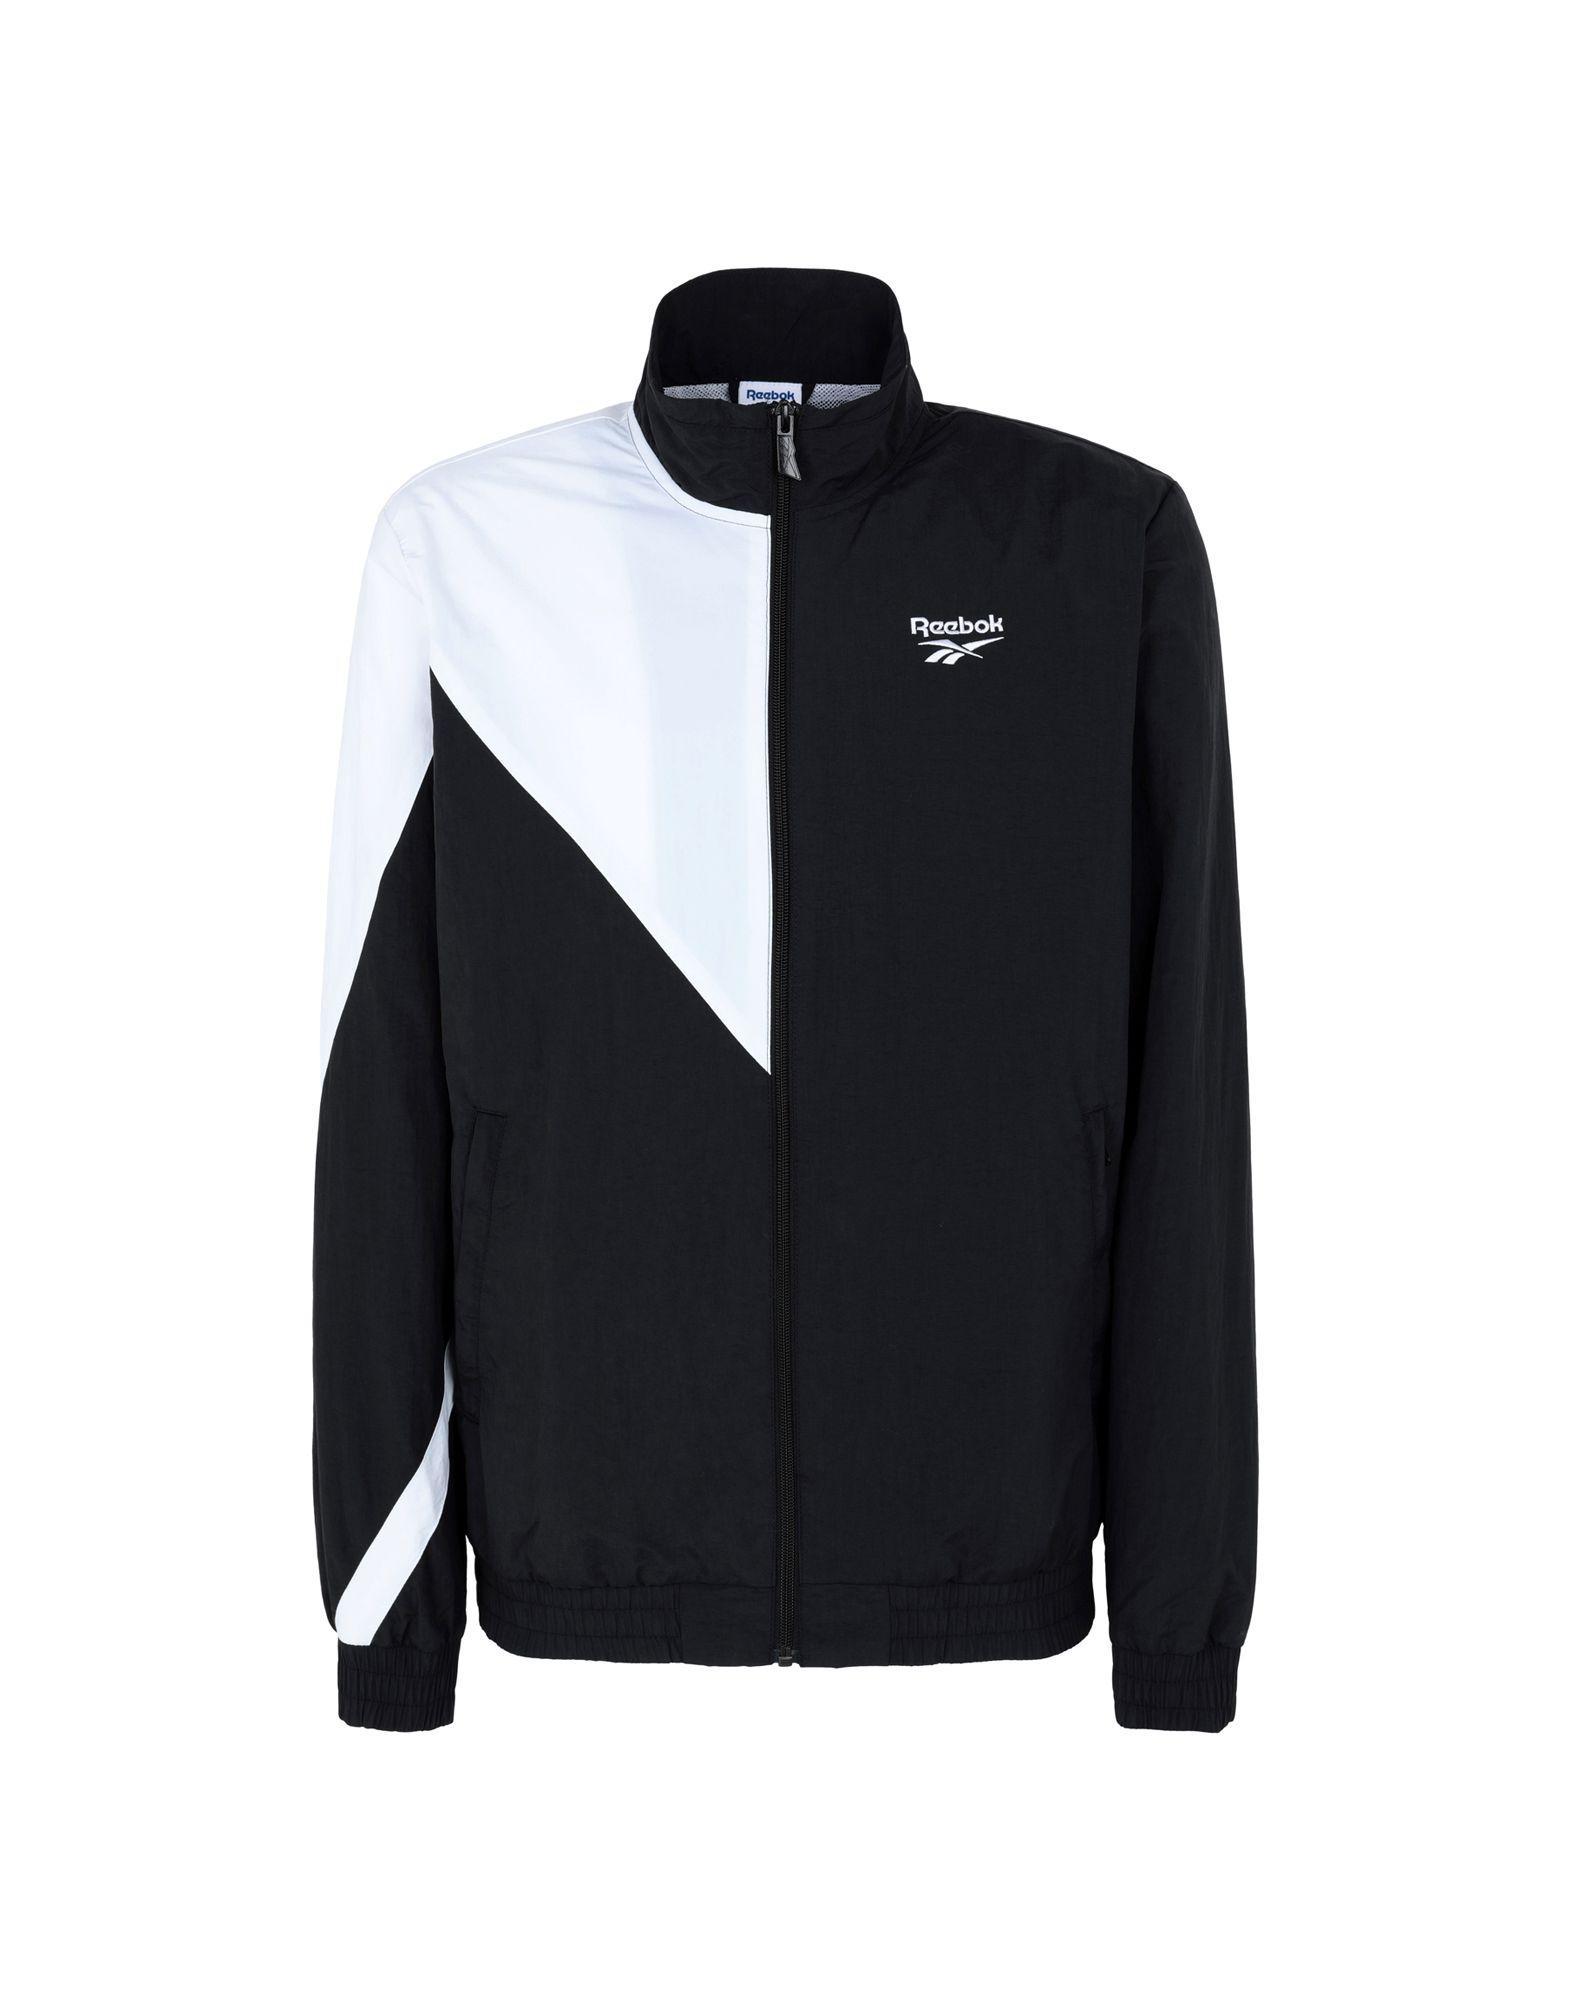 Lyst - Veste zippée colour block Reebok pour homme en coloris Noir ... 805cdd79c659